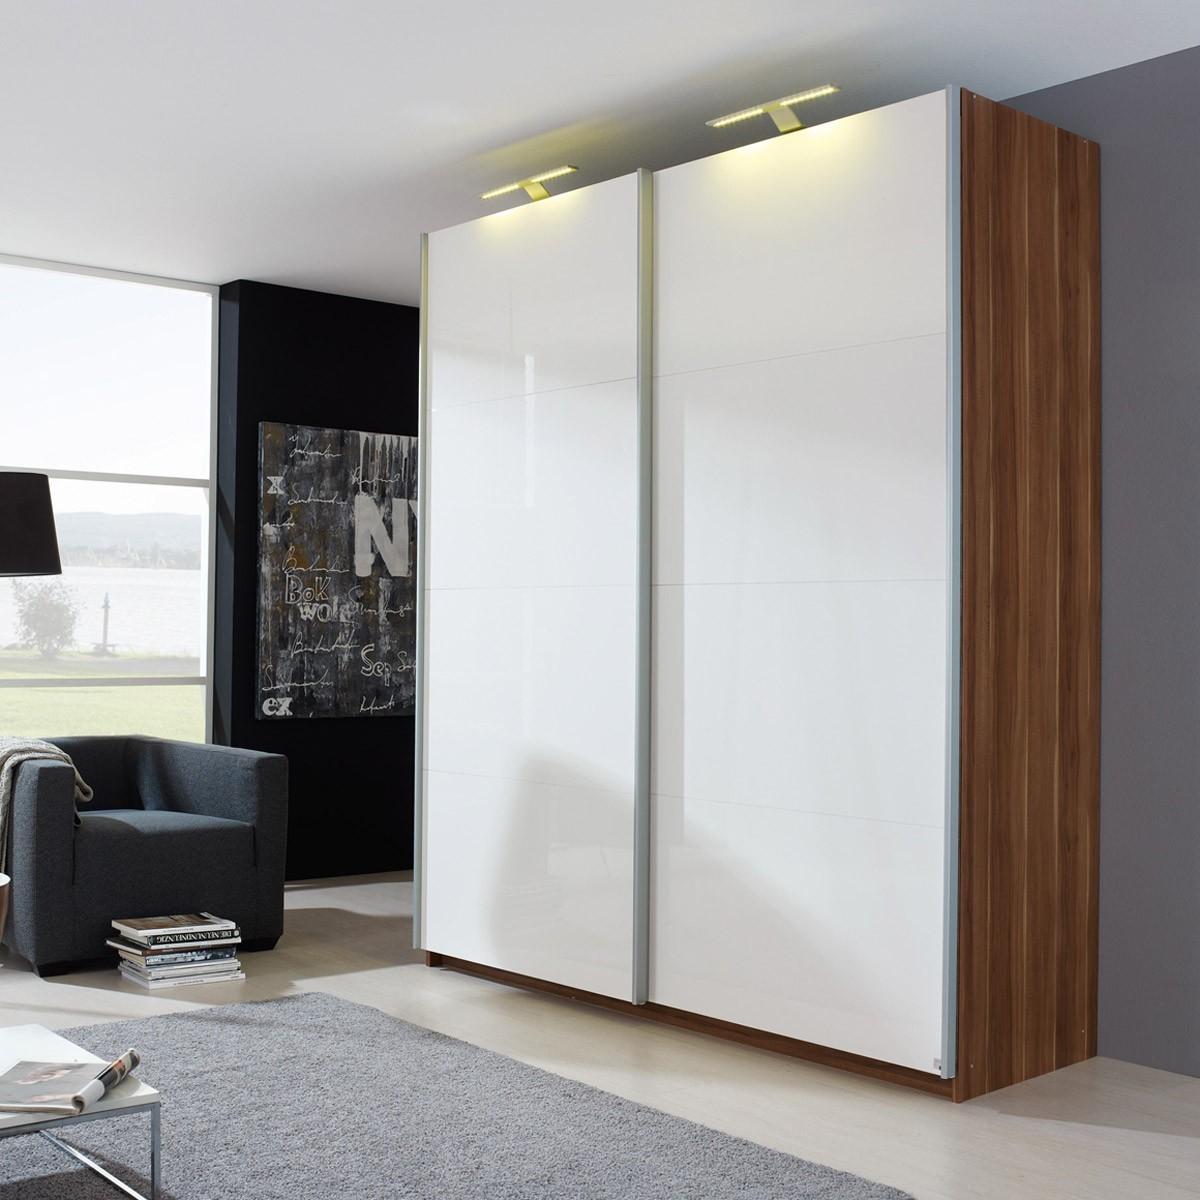 kleiderschr nke home immoviva design und luxus f r ihr. Black Bedroom Furniture Sets. Home Design Ideas